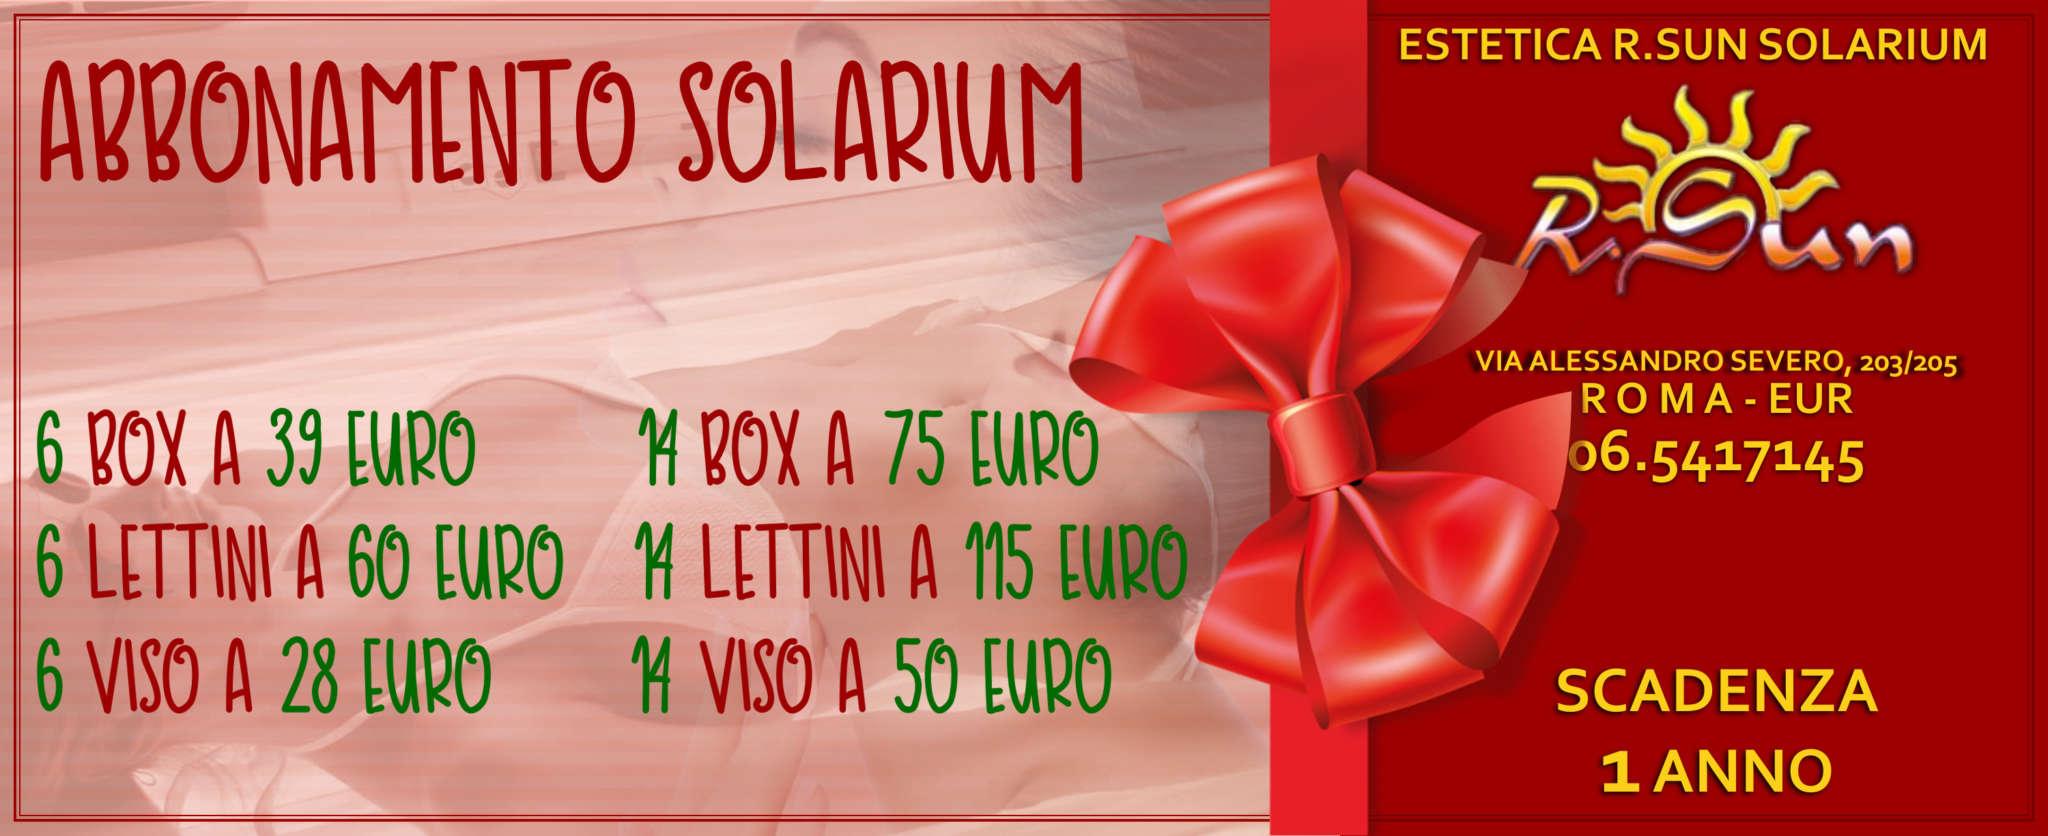 Estetica-R.Sun-Roma-Eur-abbonamento-trattamenti-solarium-natale-2018